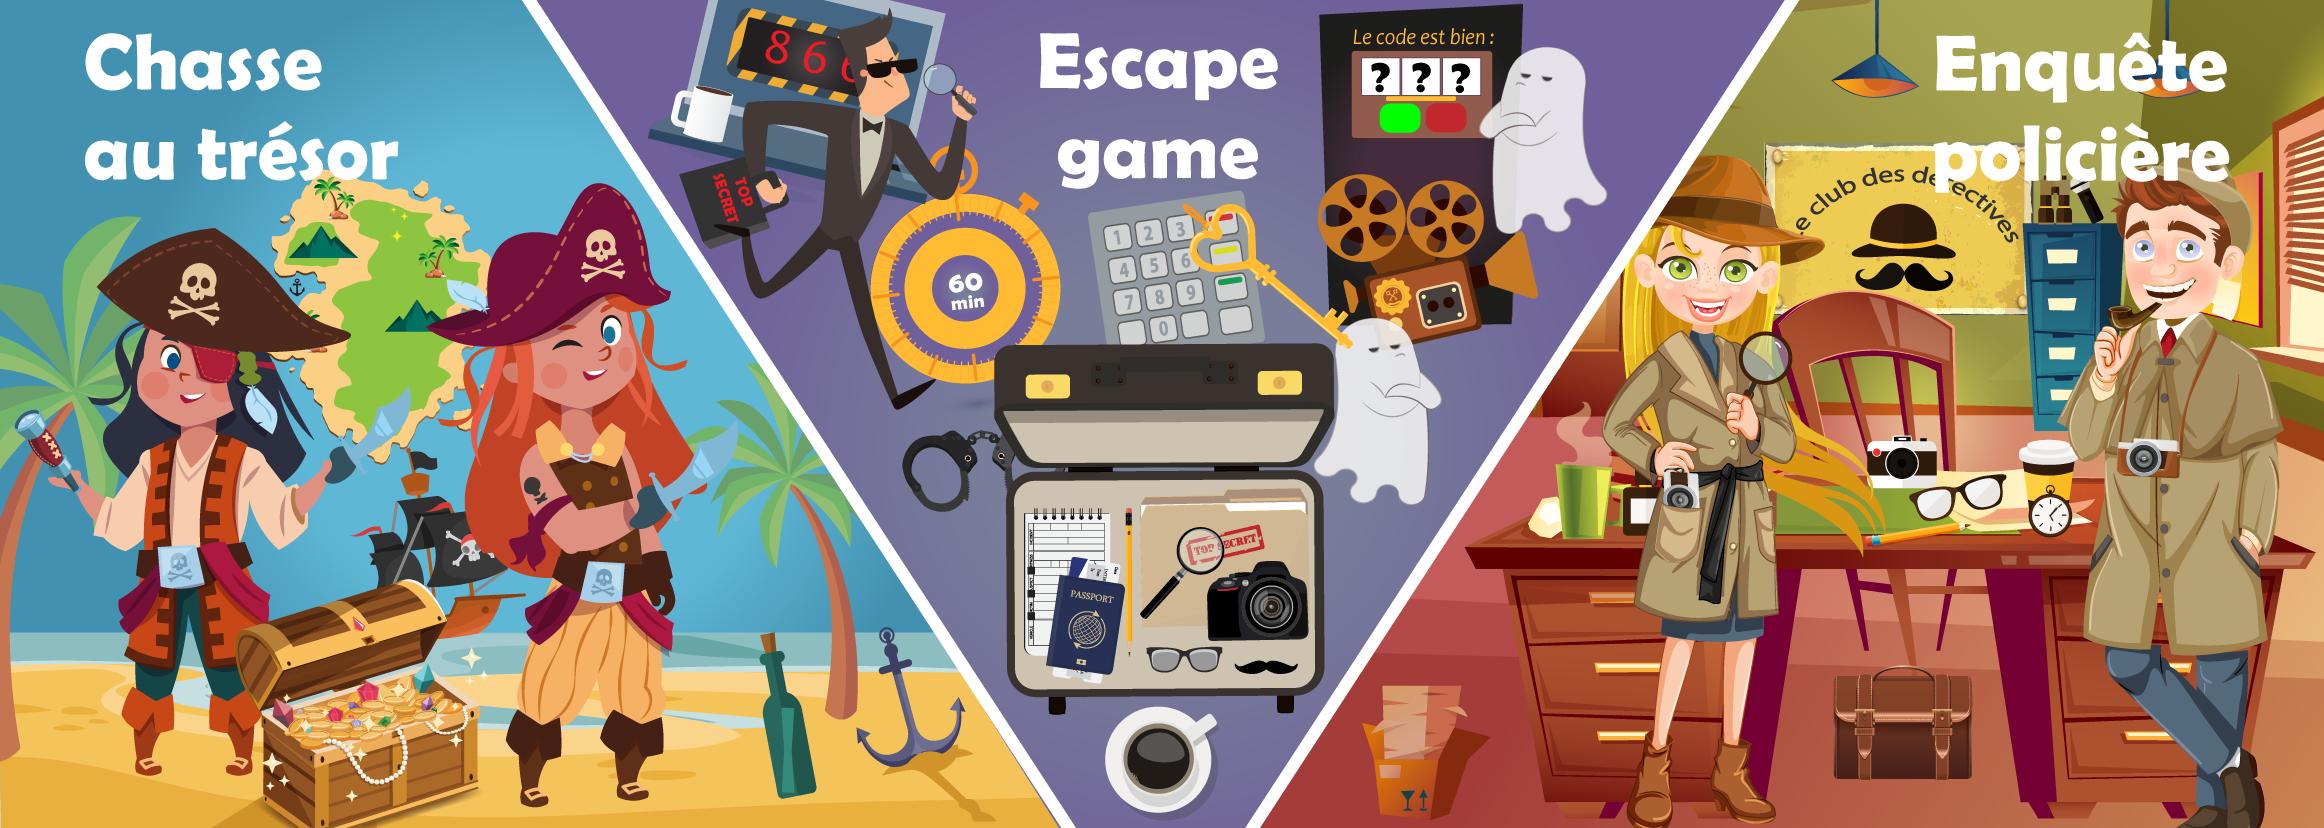 Jeux À Imprimer Ludiques Pour Les Enfants De 4 À 10 Ans destiné Jeux Gratuit Garçon 4 Ans